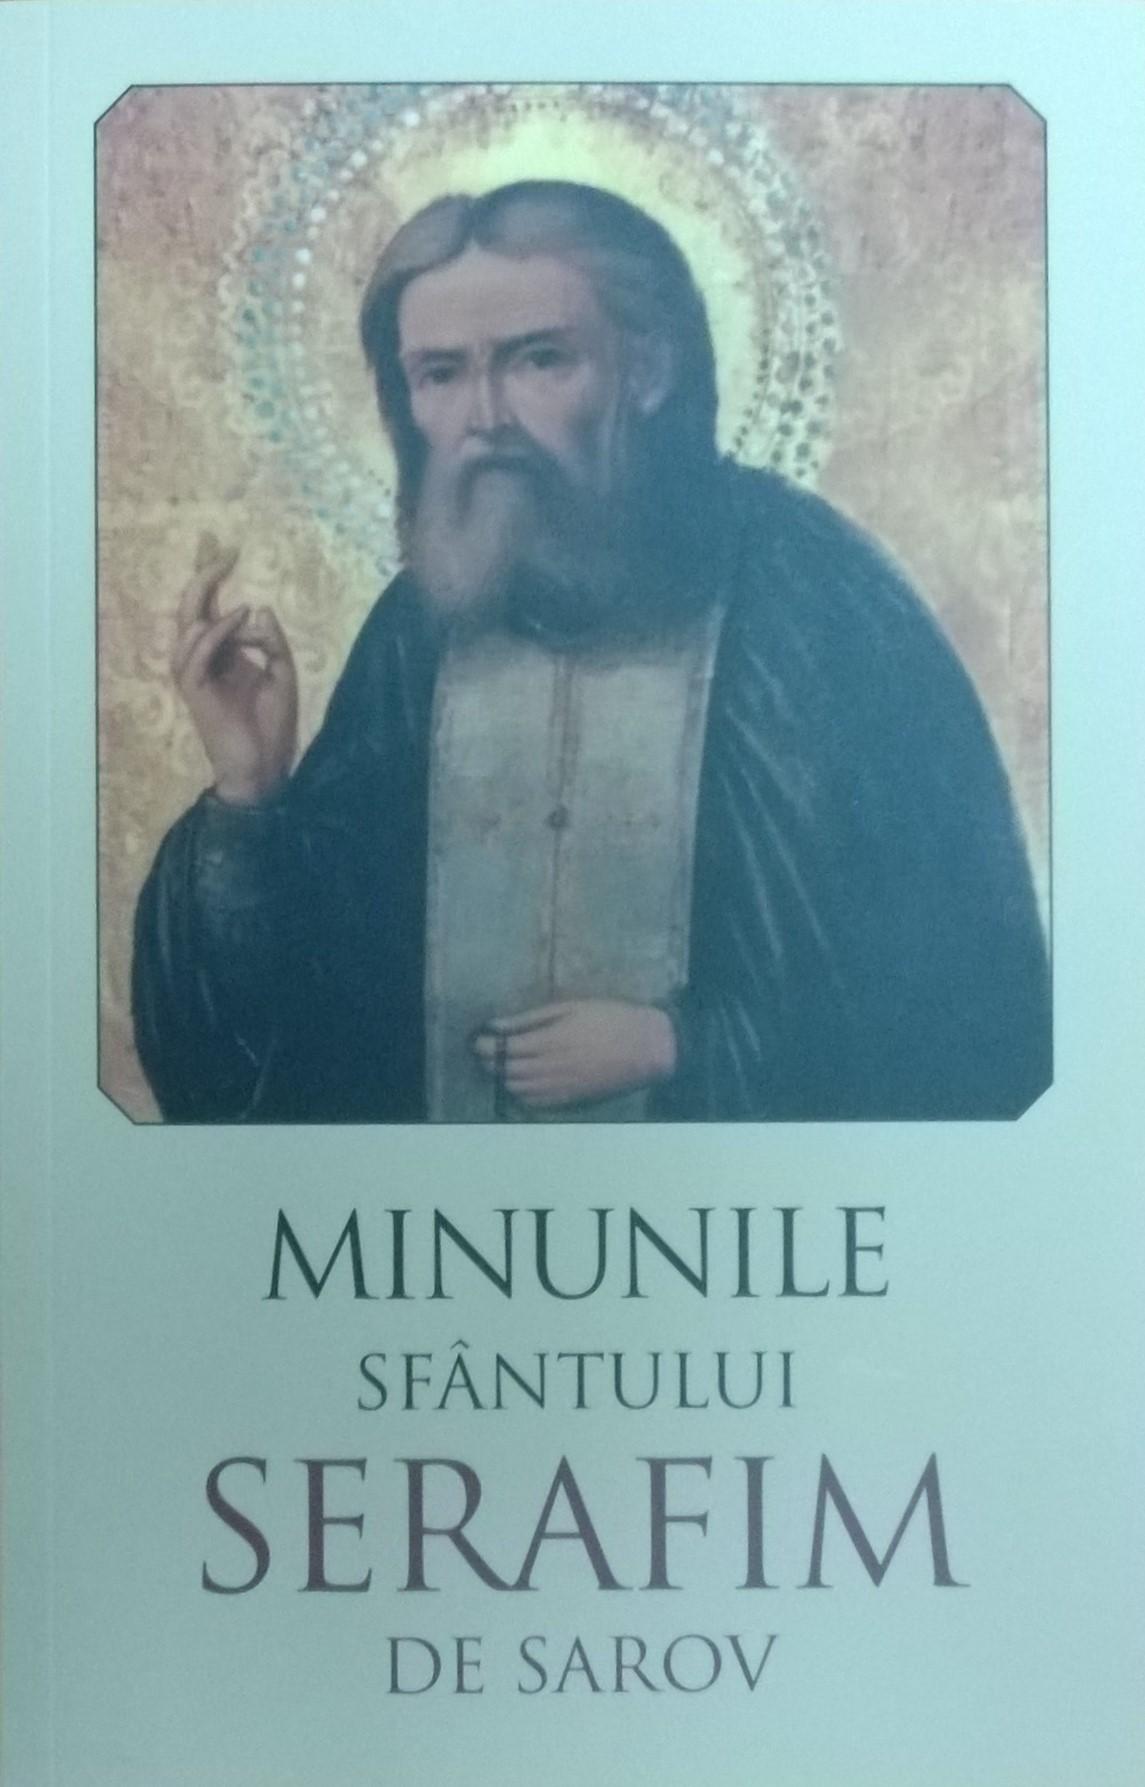 Minunile Sfântului Serafim de Sarov